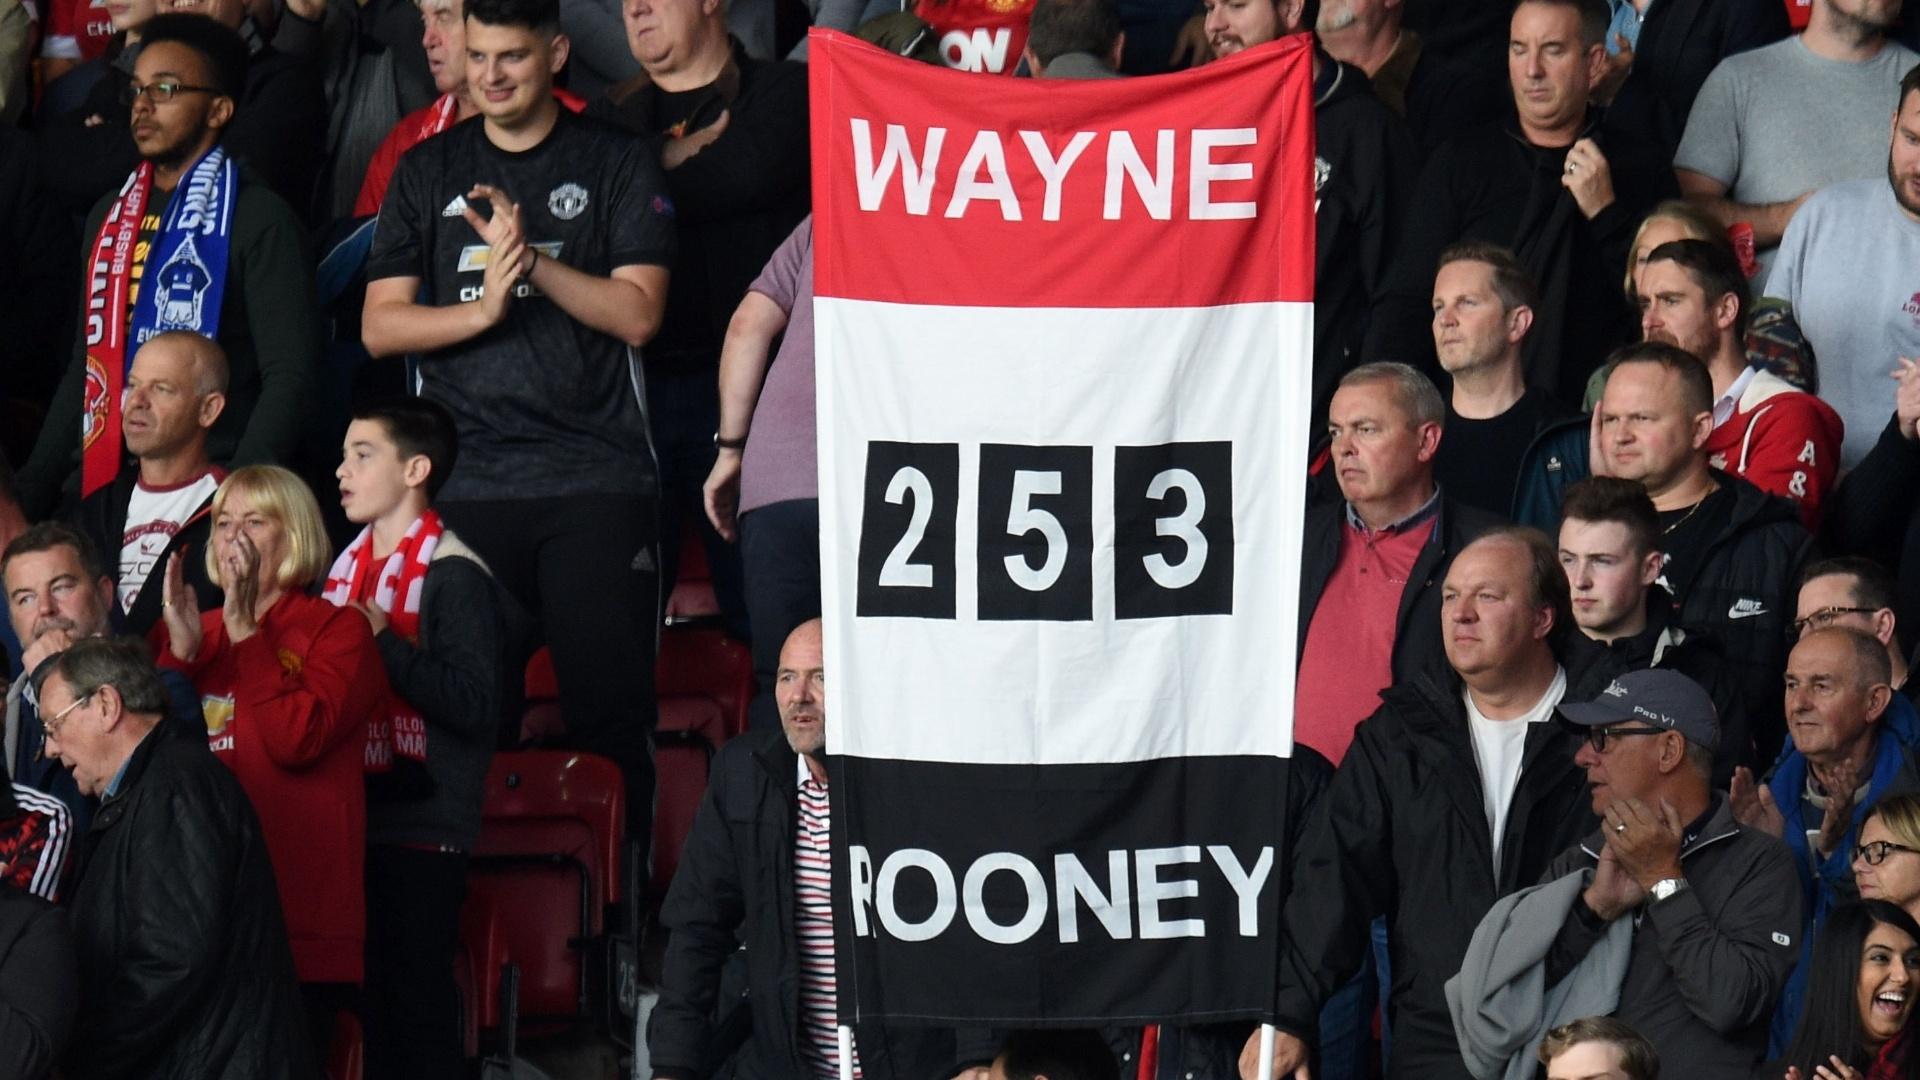 Torcida homenageia Rooney ao mostrar o número de gols que ele marcou pelo United